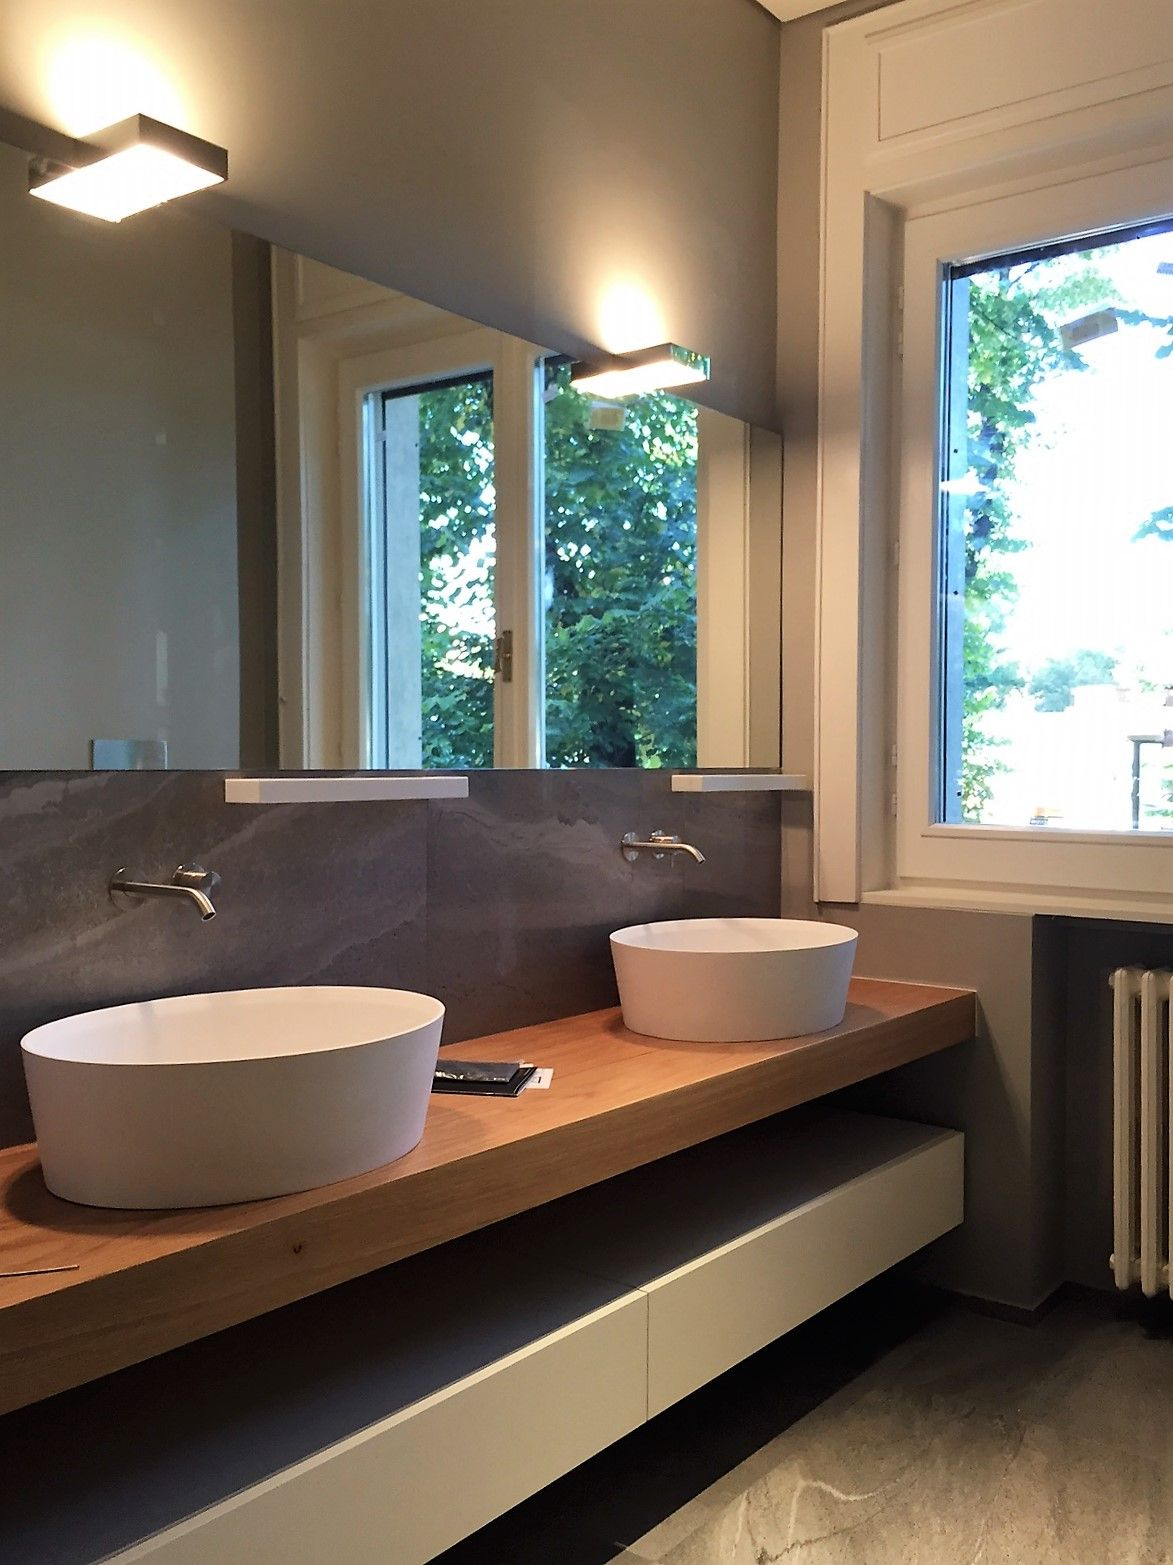 bagno con piano in legno e doppio lavabo in corian | news 2016 ...